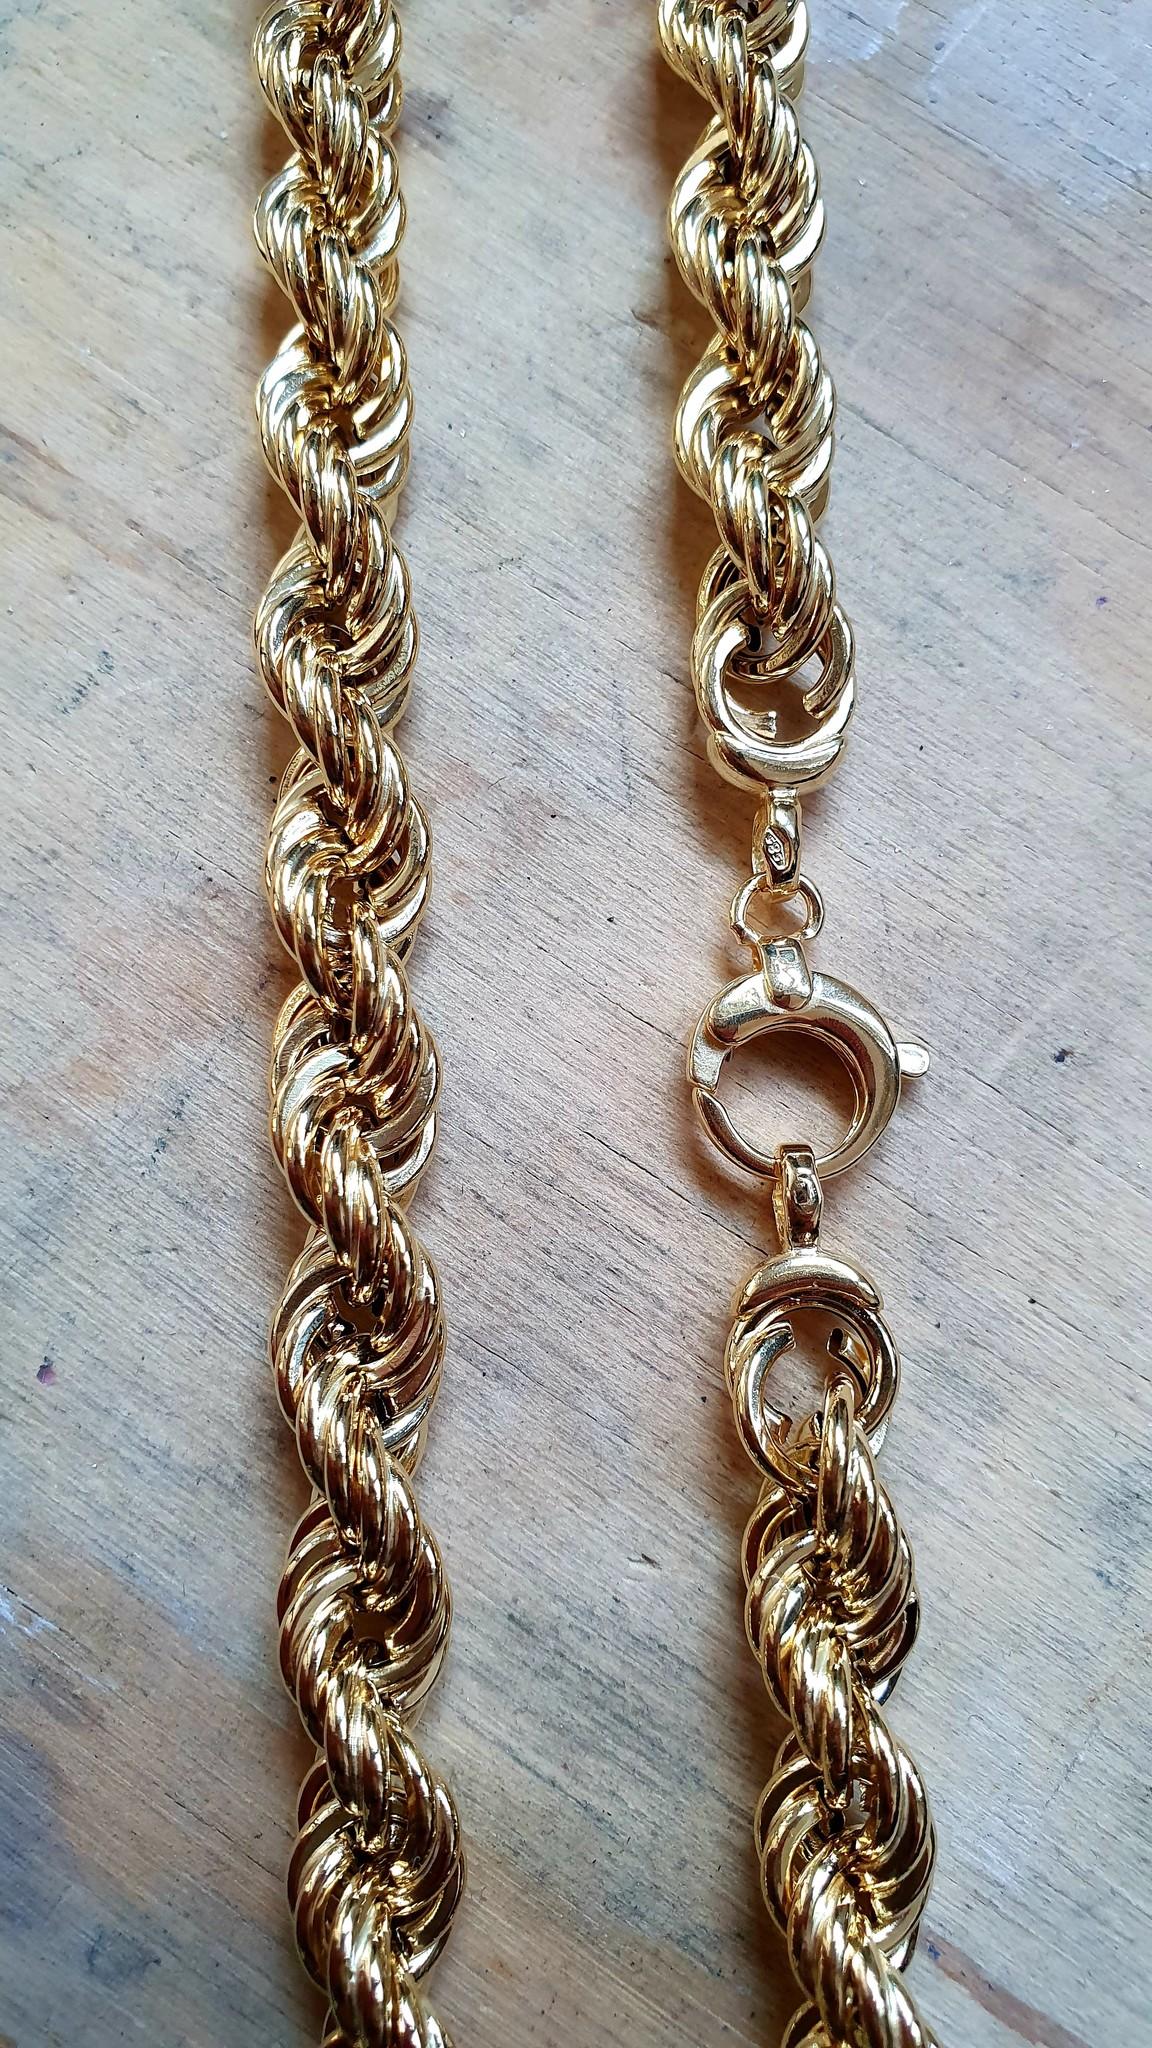 Rope chain Nederlands goud 14kt 8 mm-3